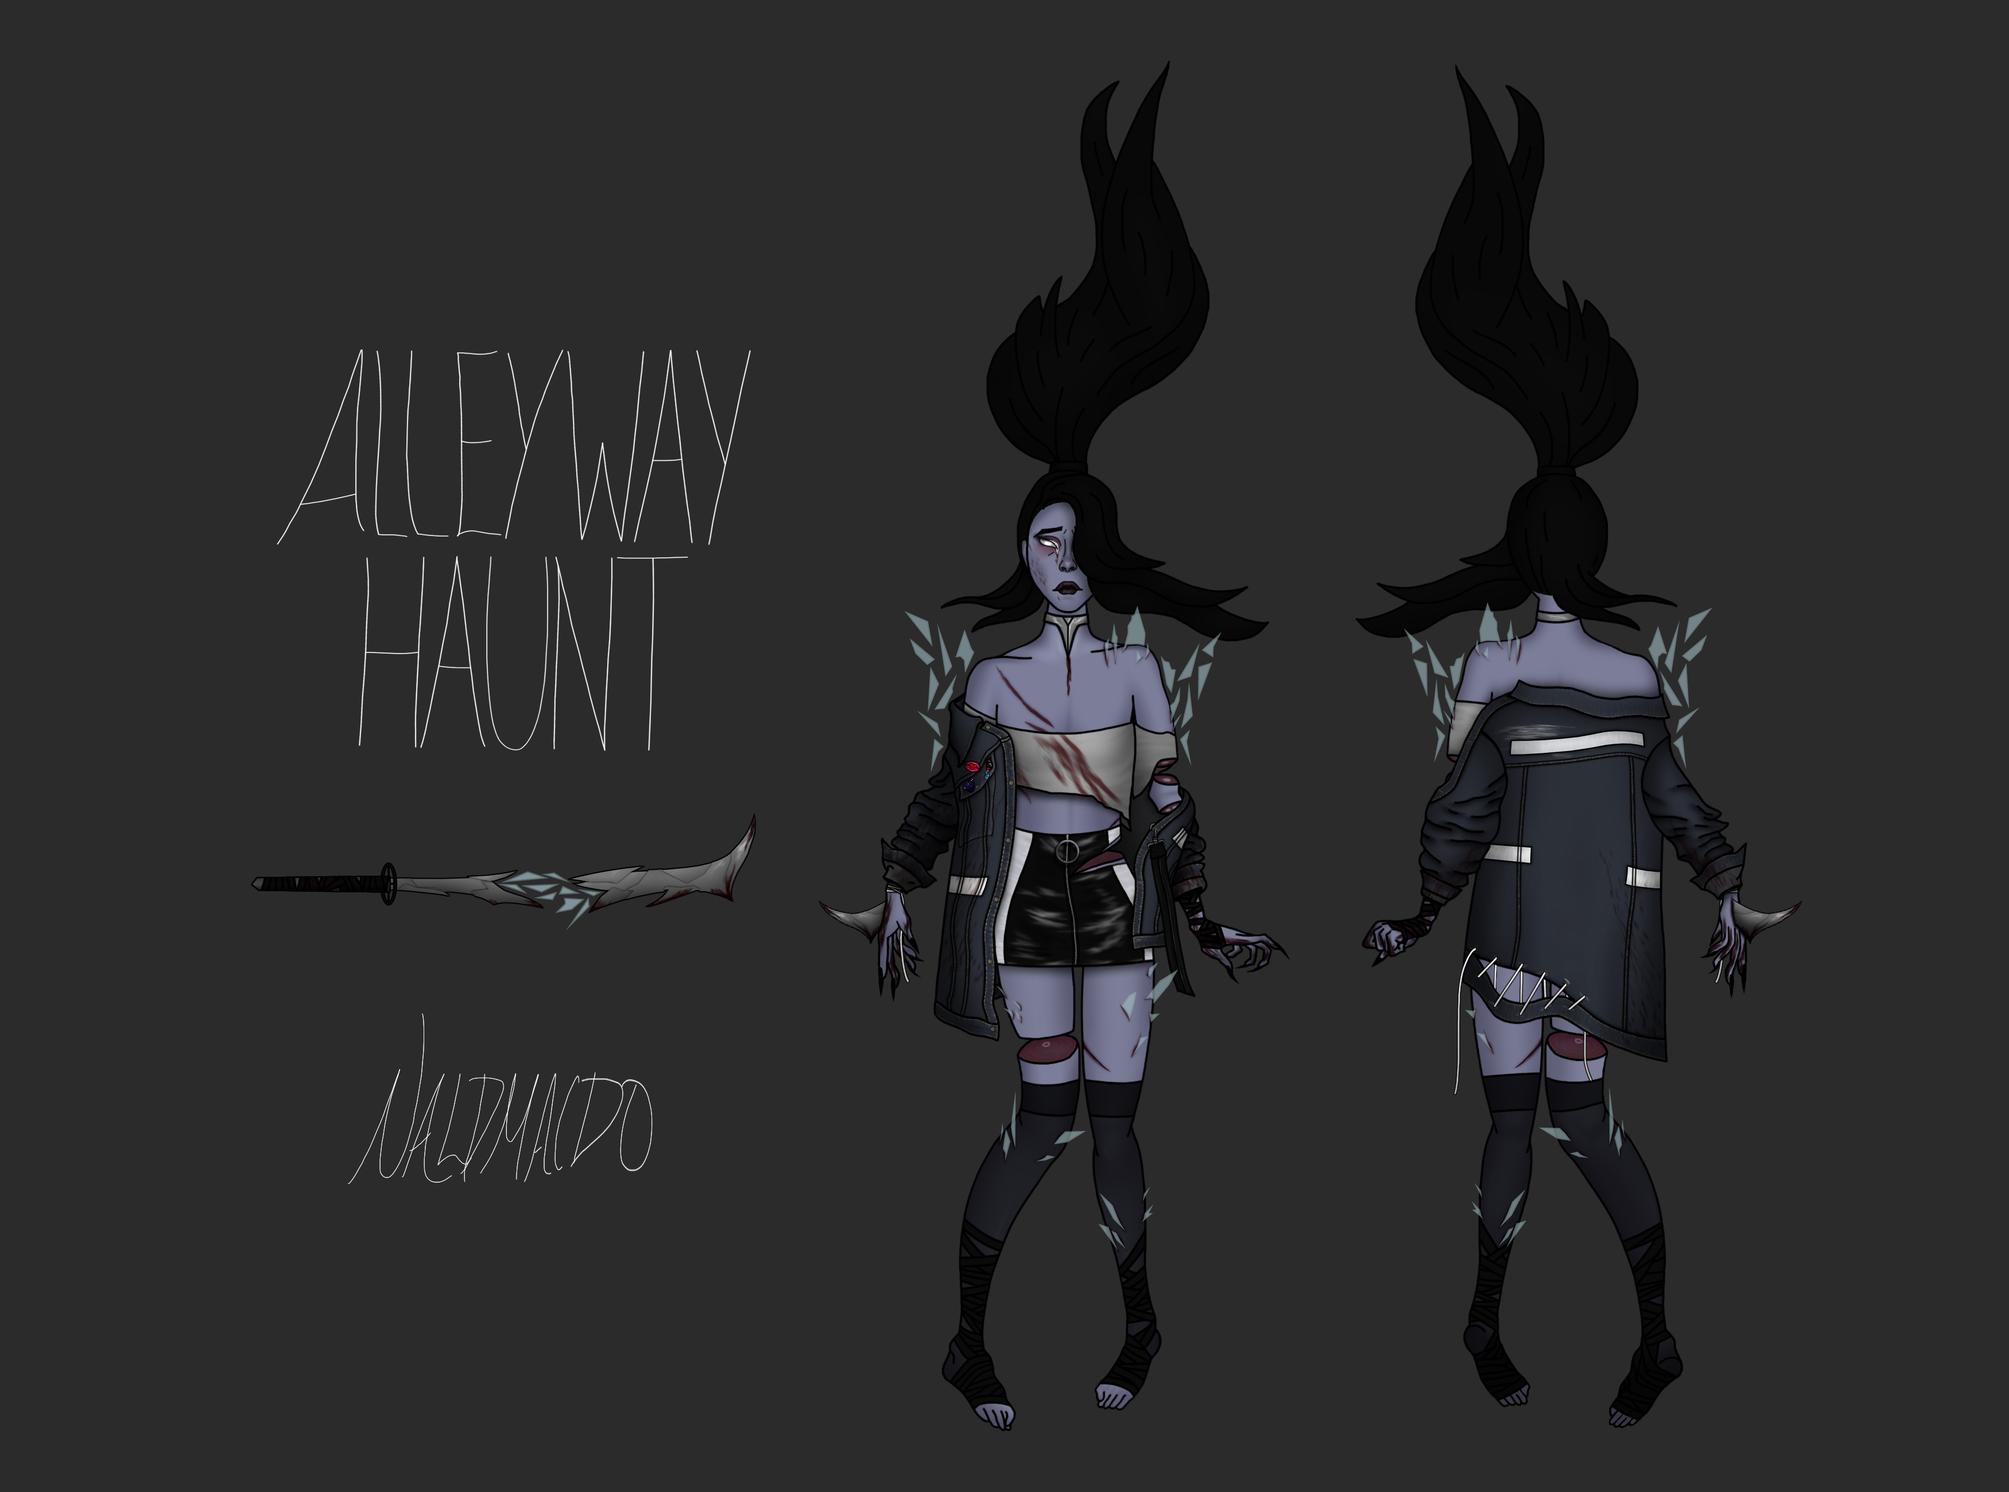 naldmacdo-alleyway-haunt-spirit.png